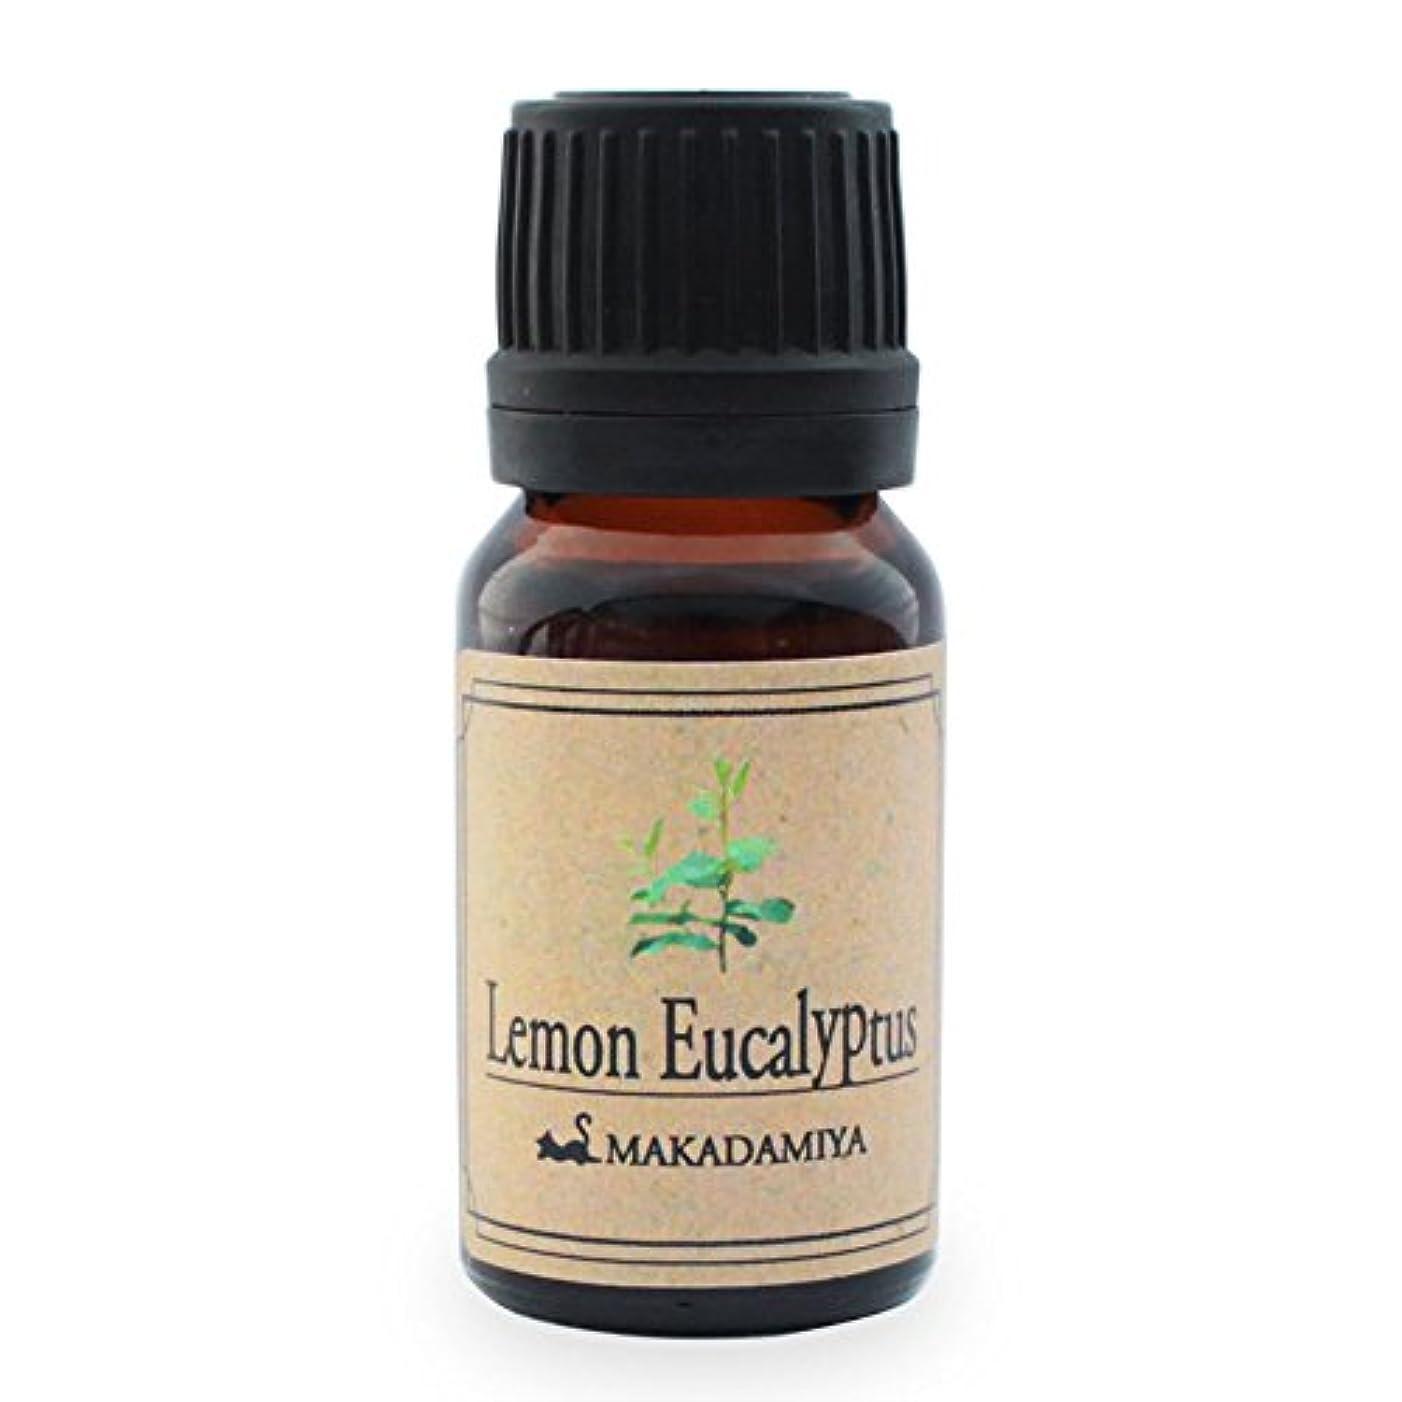 ペットカリング体現するレモンユーカリ10ml 天然100%植物性 エッセンシャルオイル(精油) アロマオイル アロママッサージ aroma Eucalyptus Citriodora